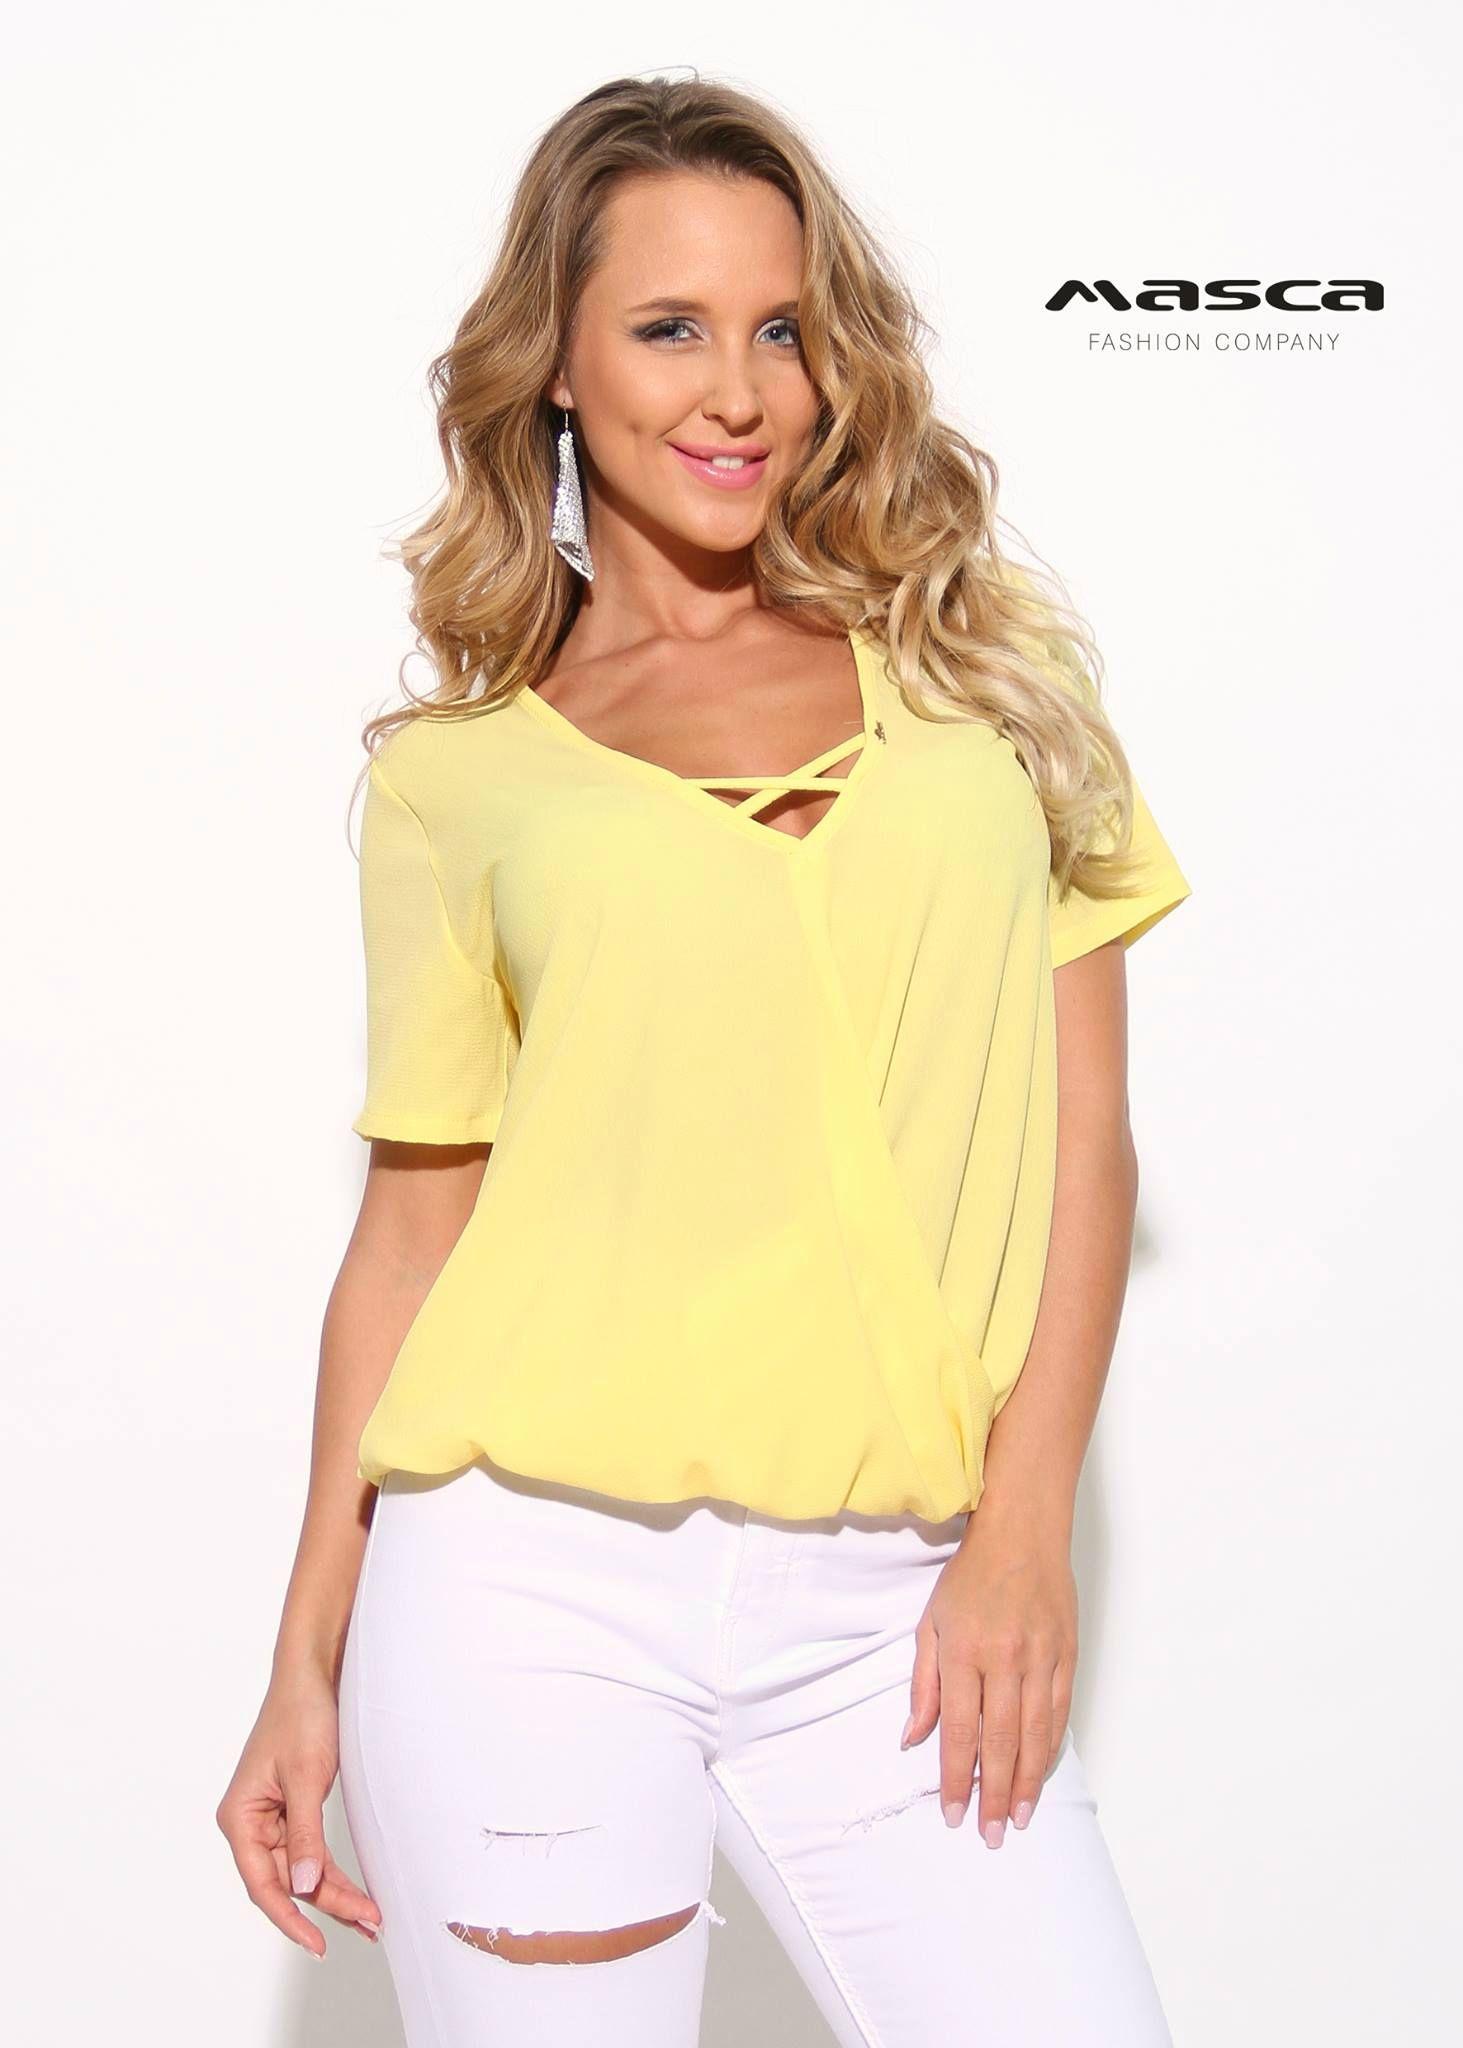 0a0f845ae1 Masca Fashion pánttal összefogott V-nyakú lezser, rövid ujjú sárga felső